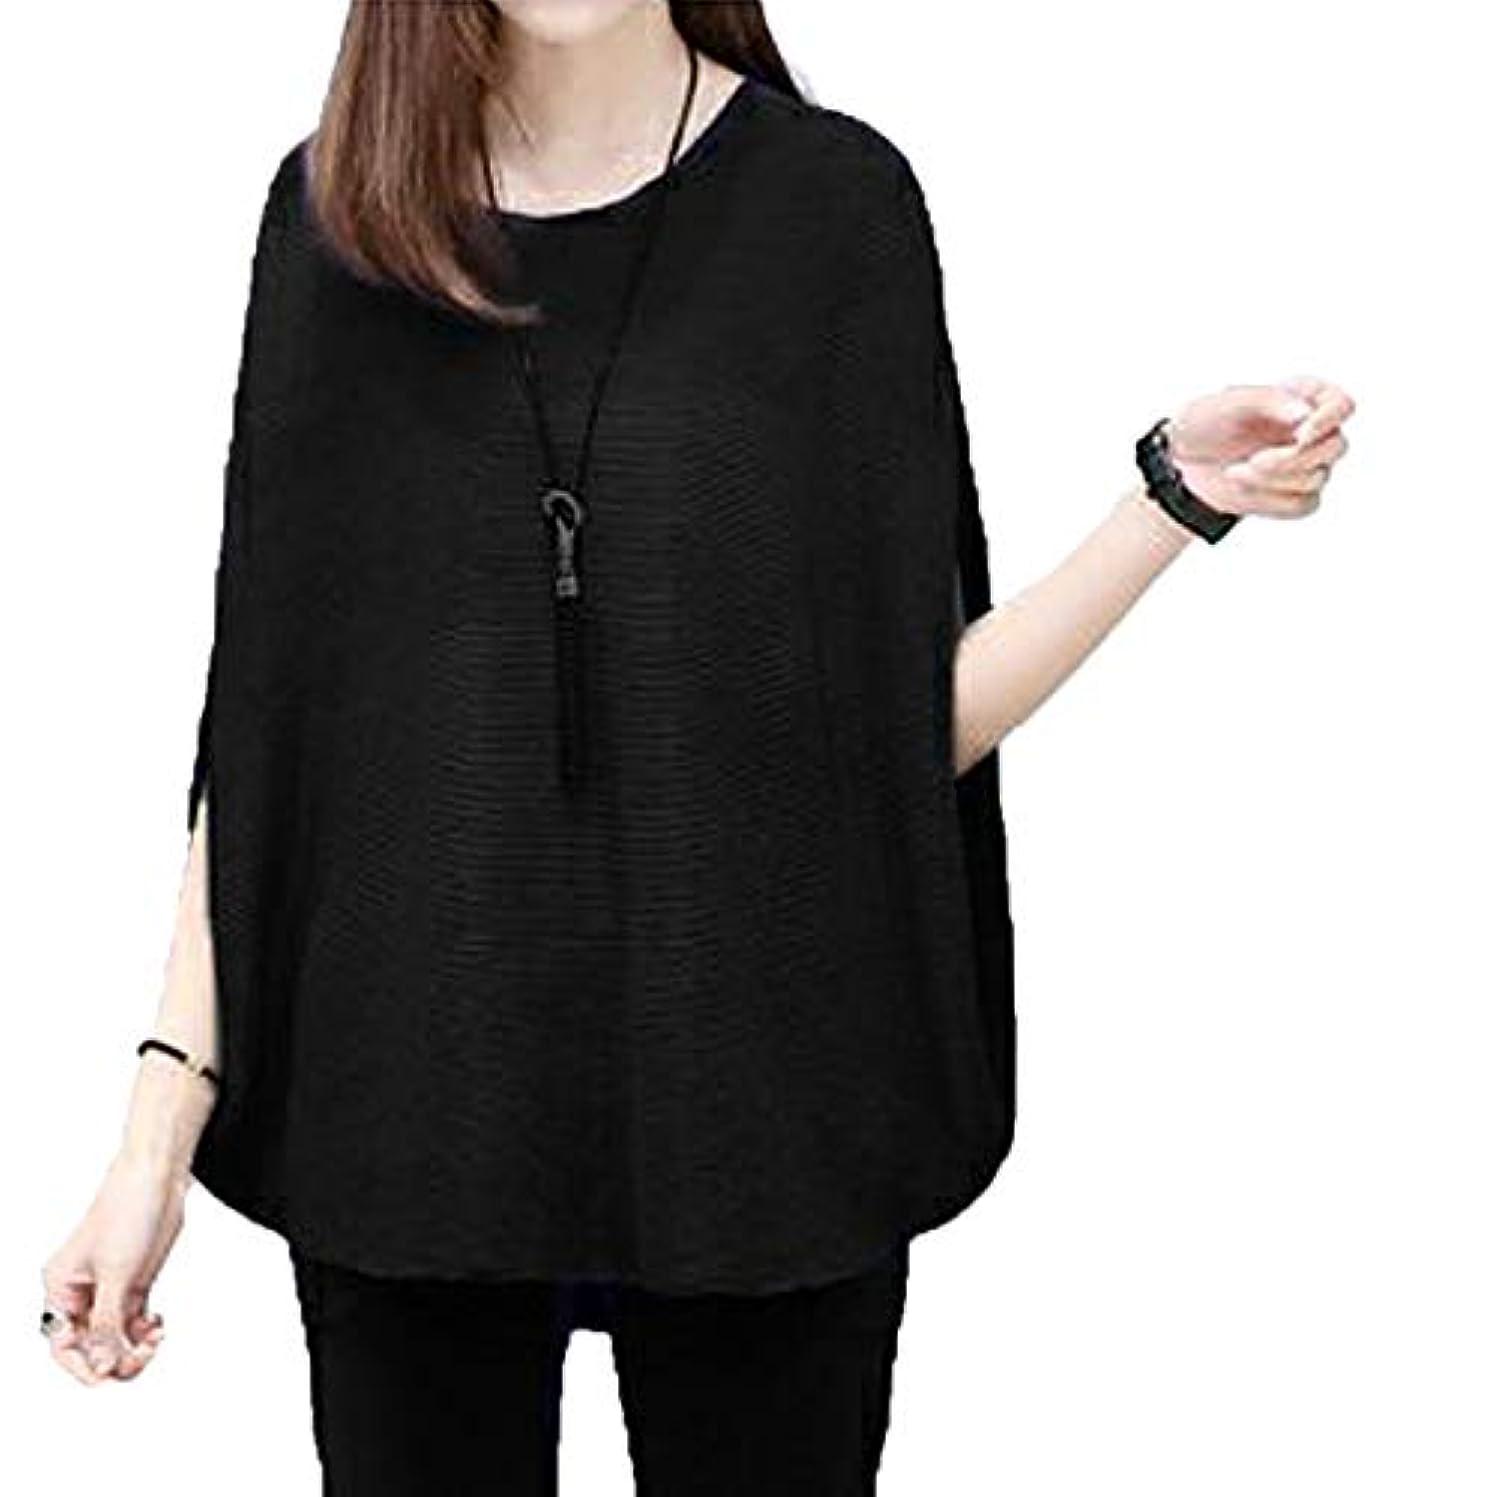 帝国主義粘土霧[ココチエ] レディース トップス Tシャツ 二の腕 カバー 半袖 ノースリーブ プルオーバー ゆったり 大人体型 体型カバー おおきいサイズ おしゃれ 黒 ネイビー